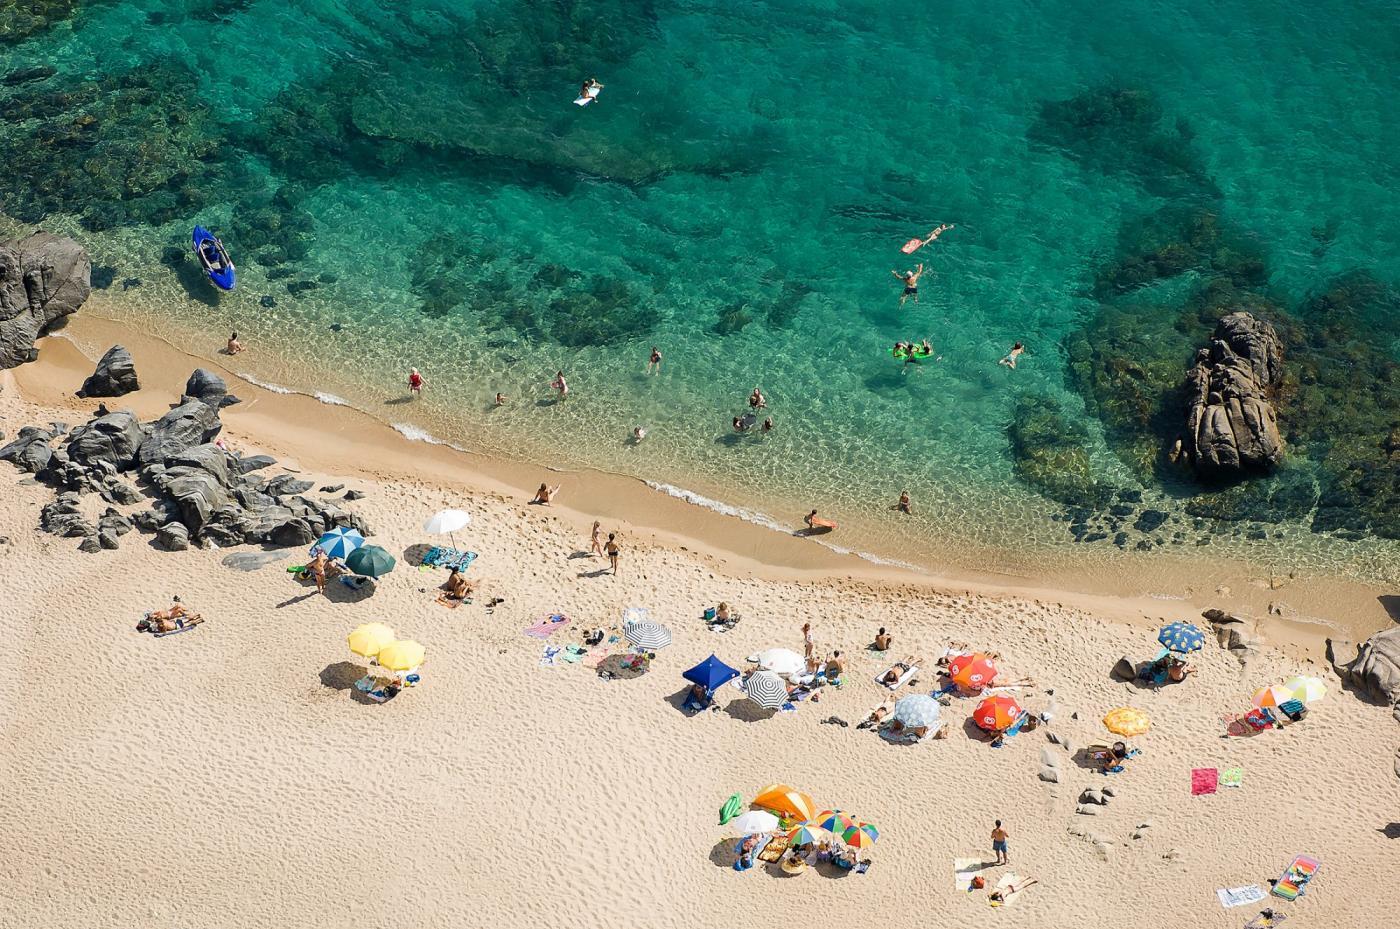 Les plages en Corse